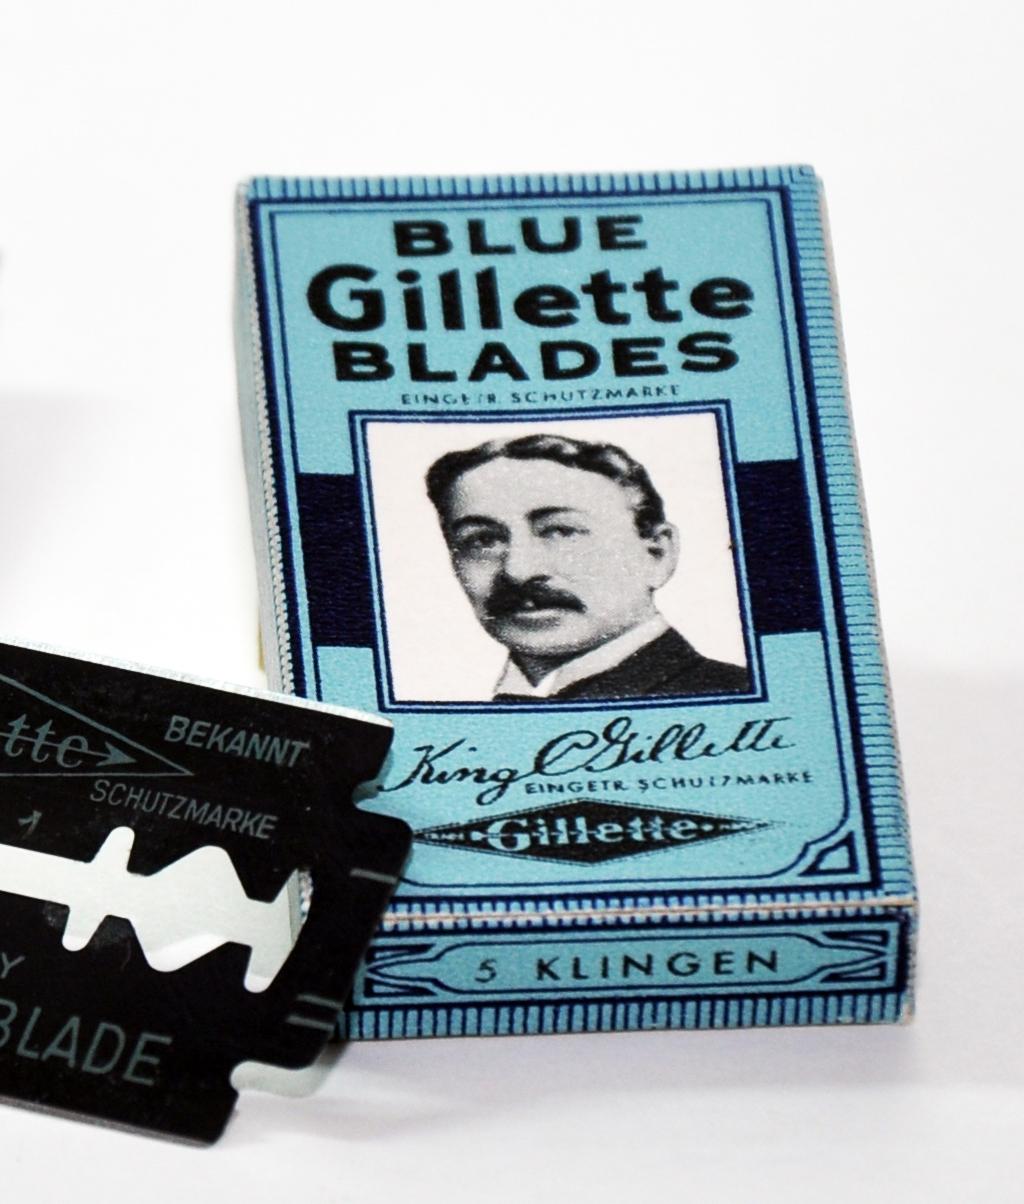 King Camp Gillette's Razor Blade Business Model